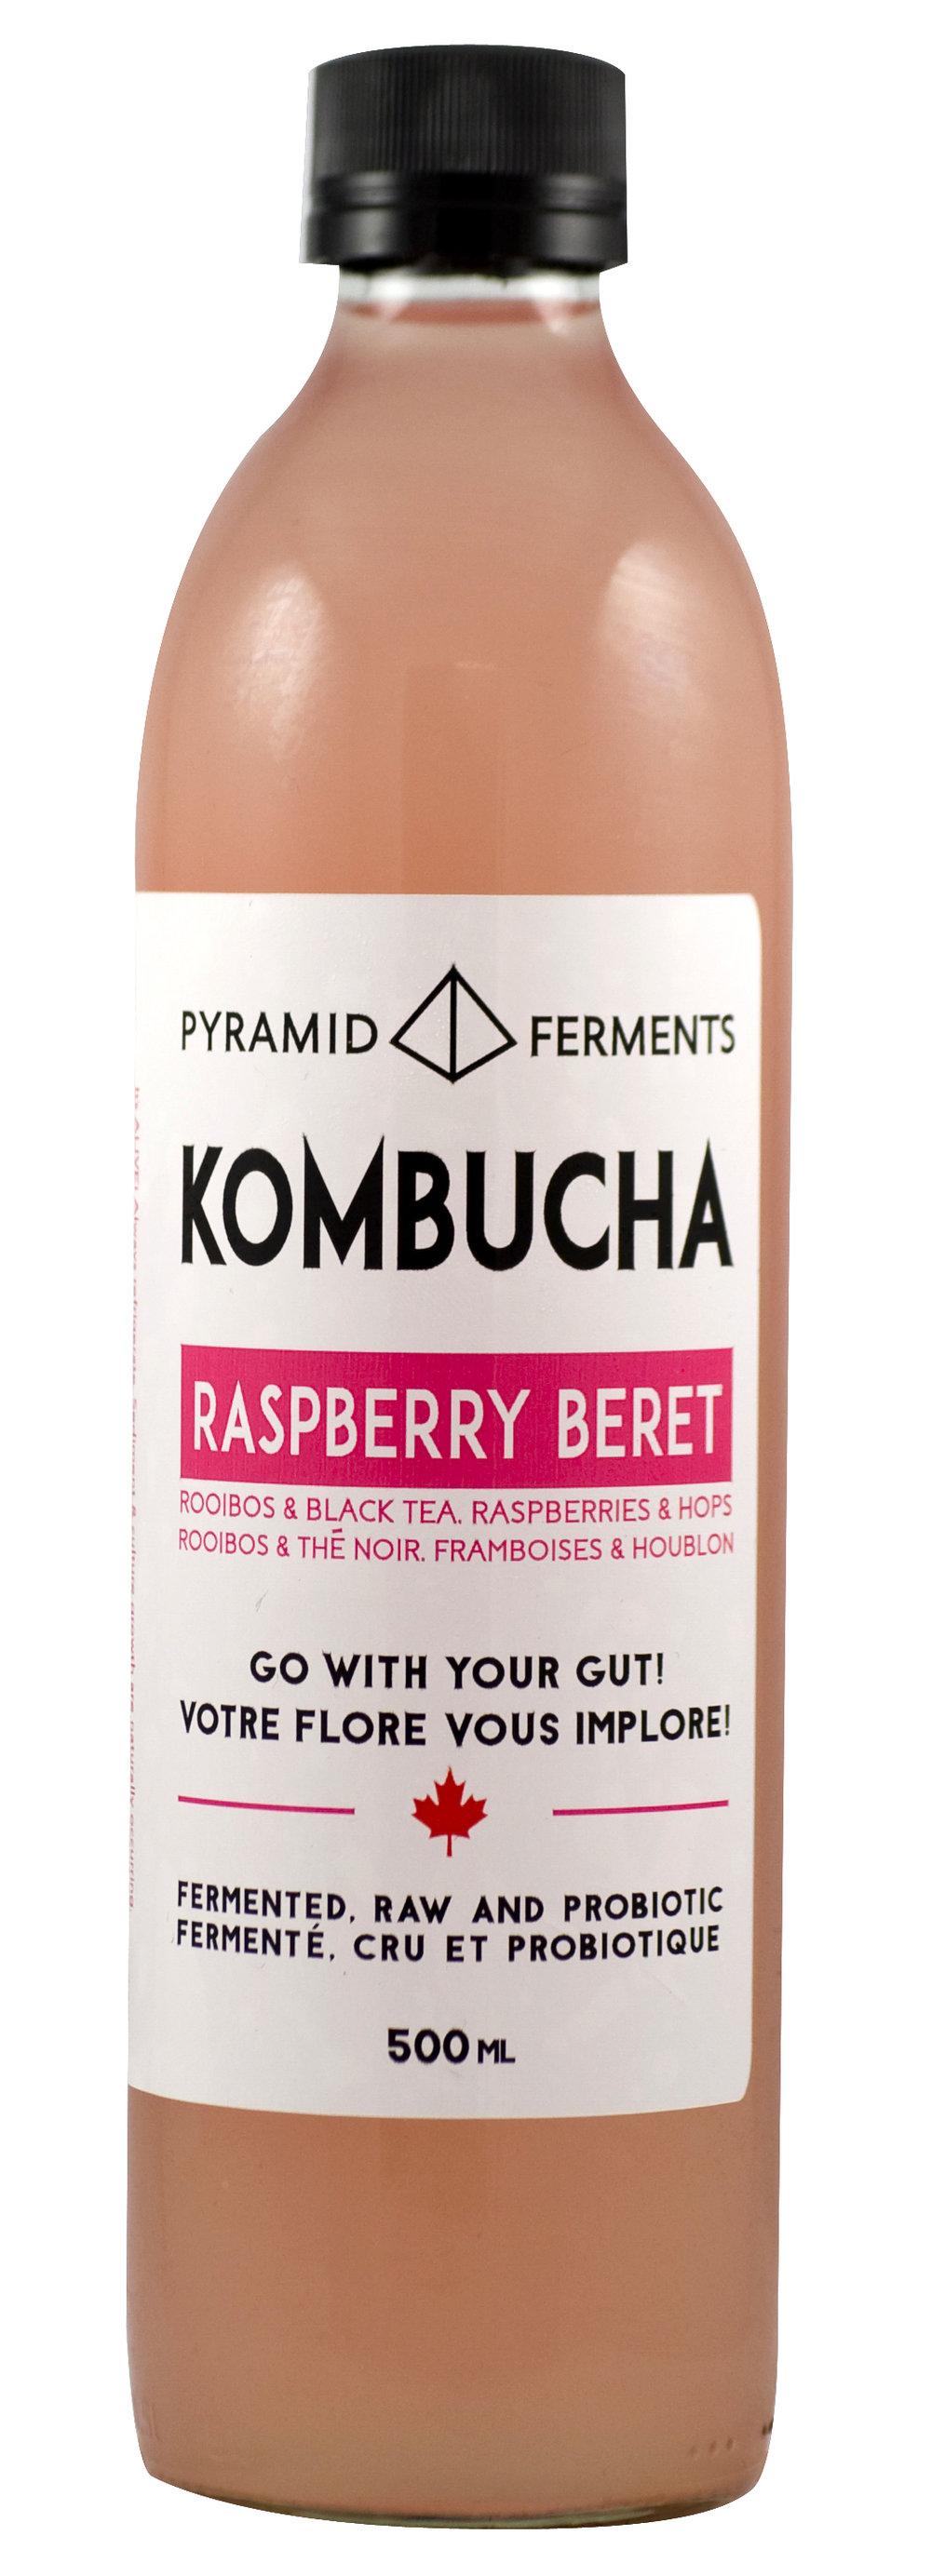 Raspberry Beret Kombucha